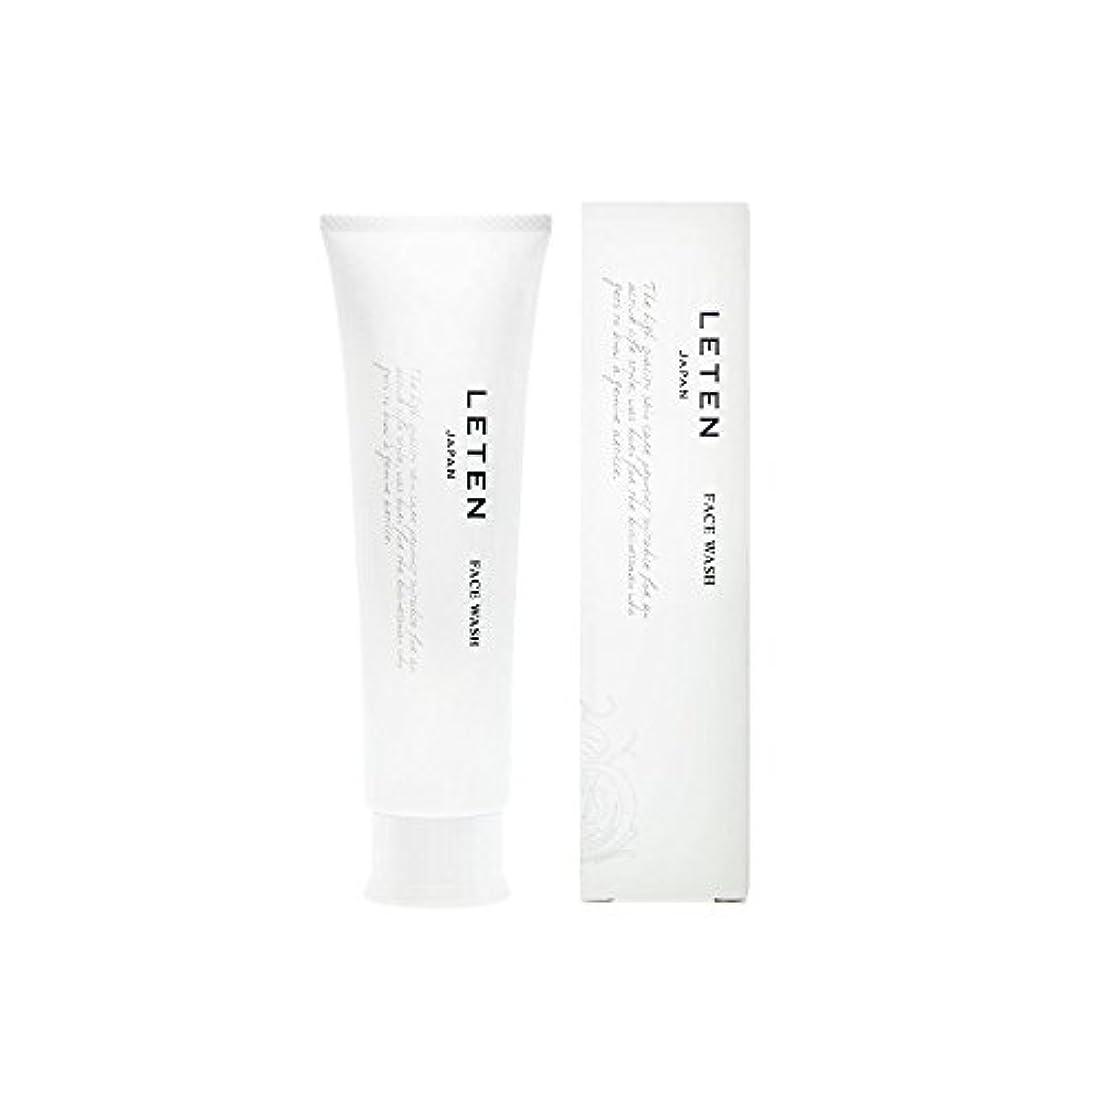 答えダーツ威するレテン (LETEN) フェイスウォッシュ 100g 洗顔フォーム 洗顔料 敏感肌